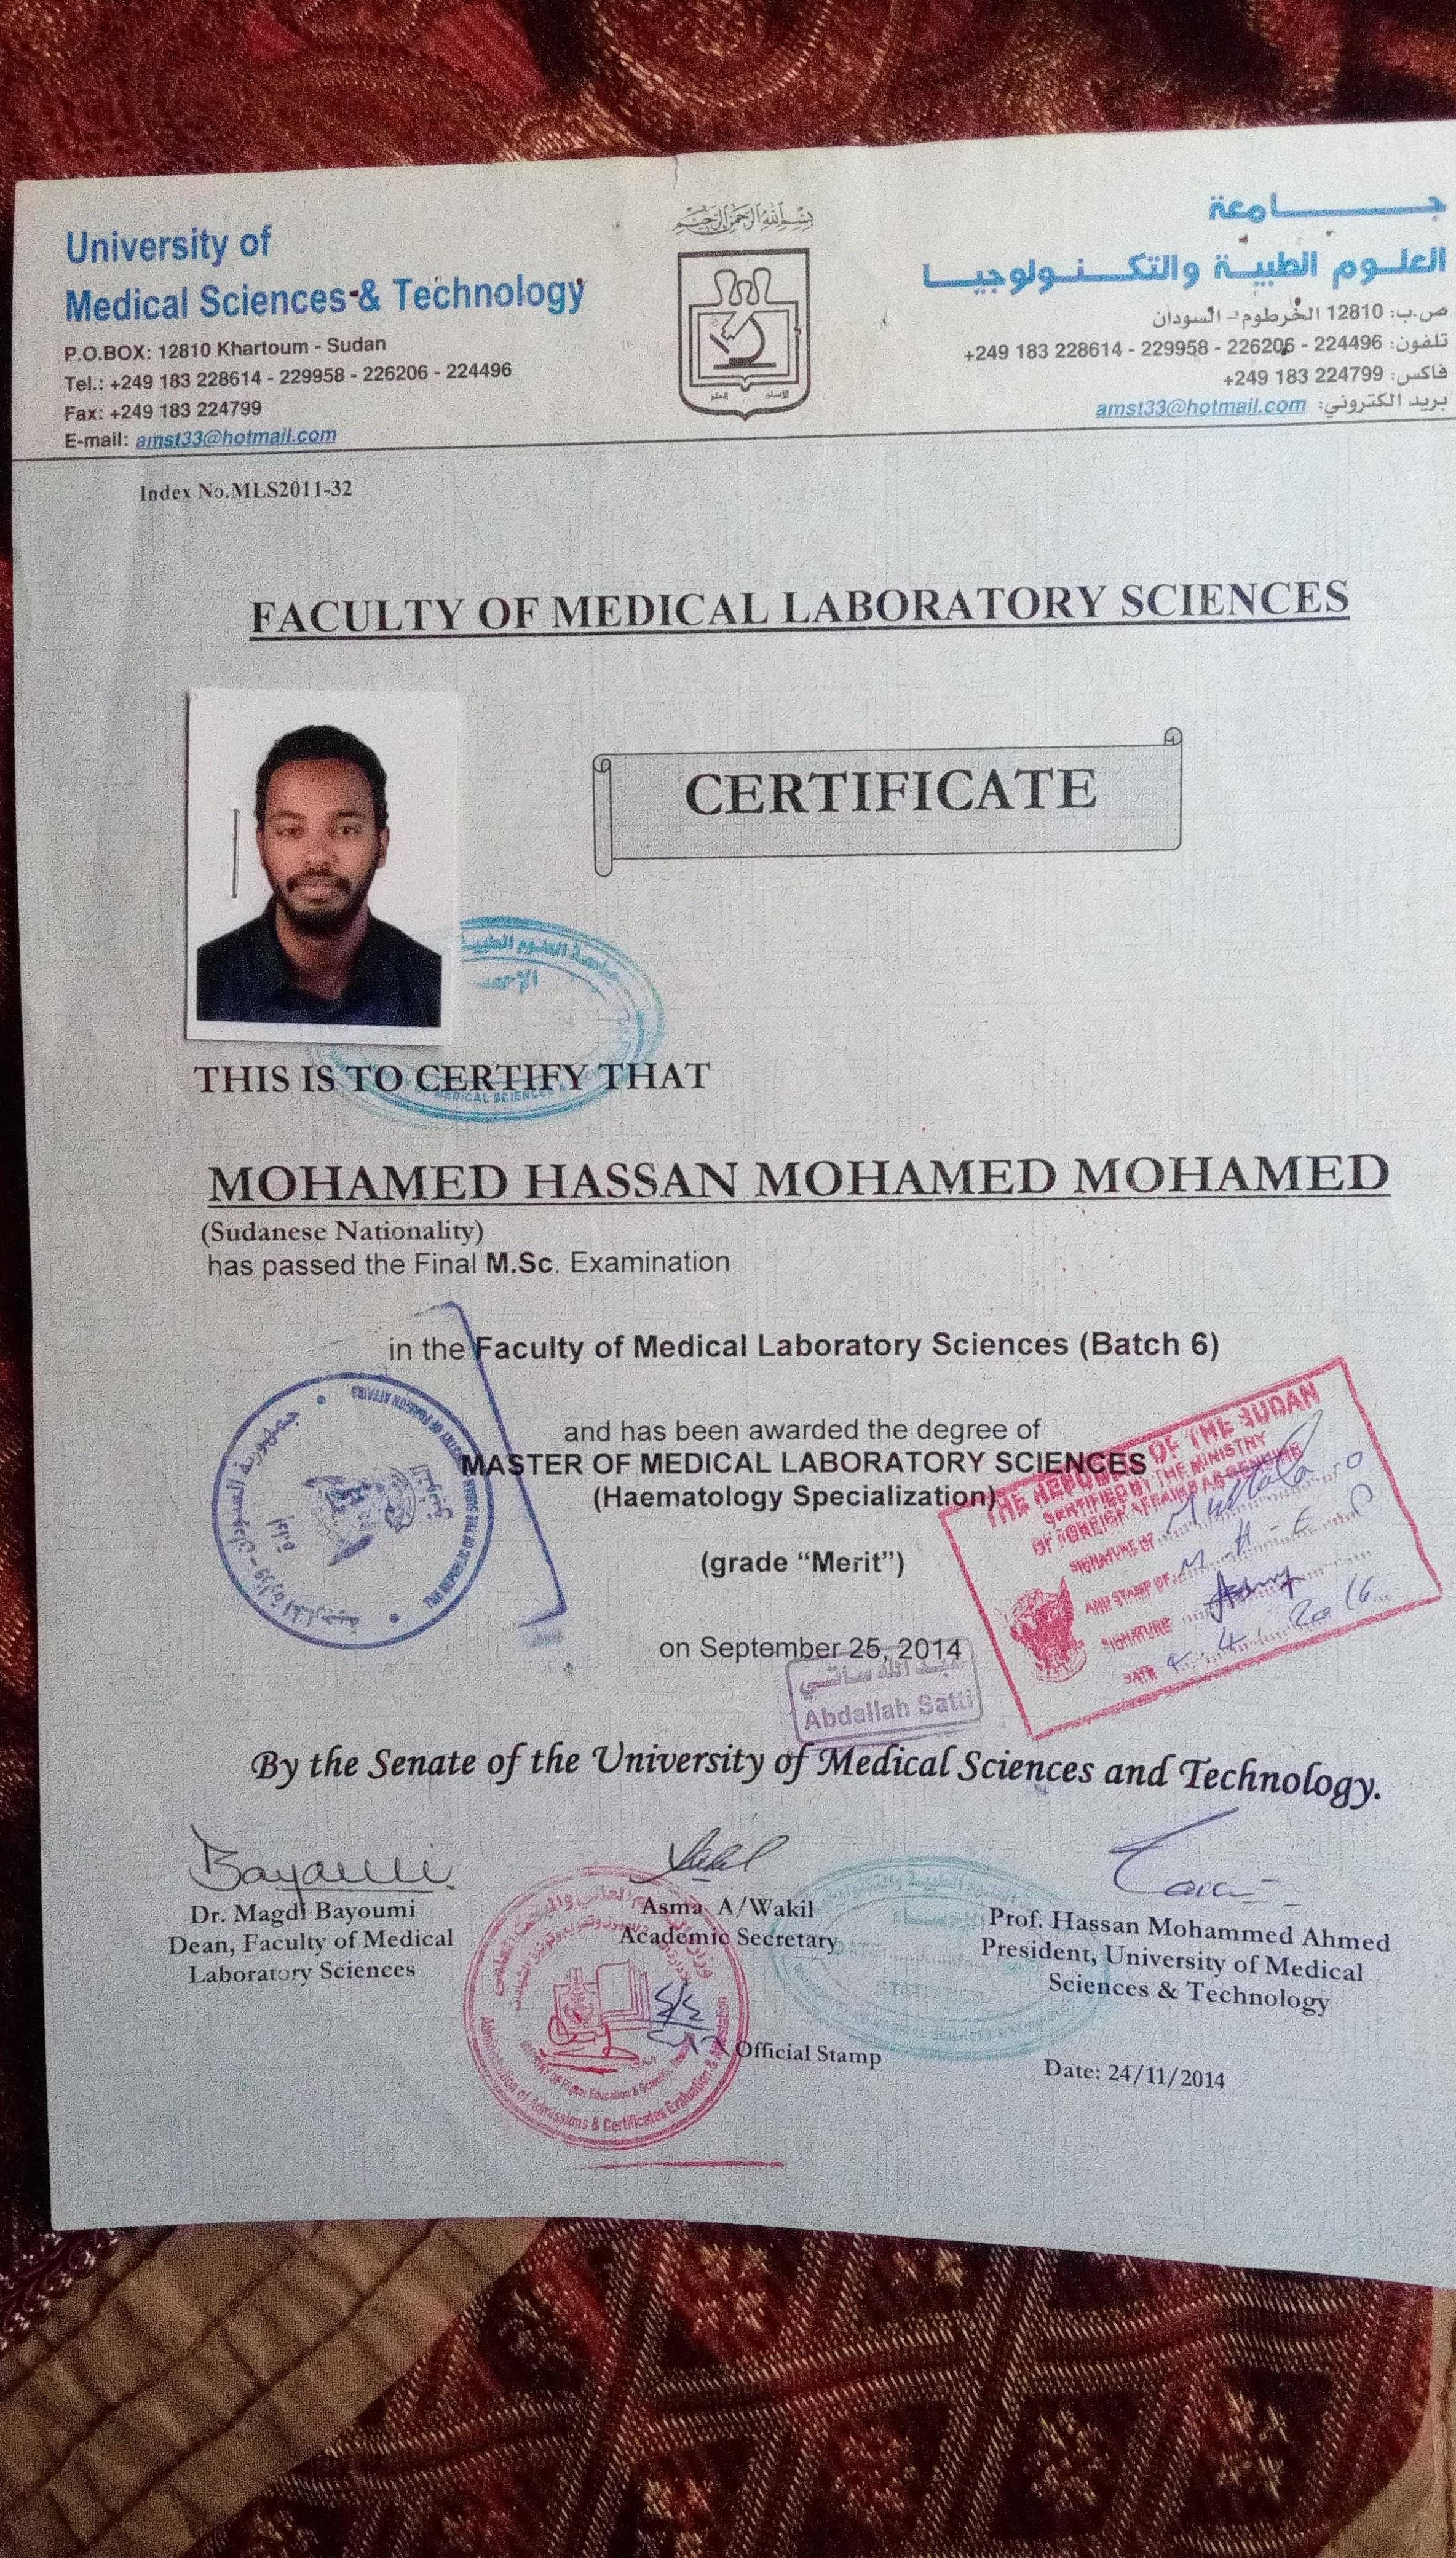 Mohamed Hassan Mohamed - Bayt.com